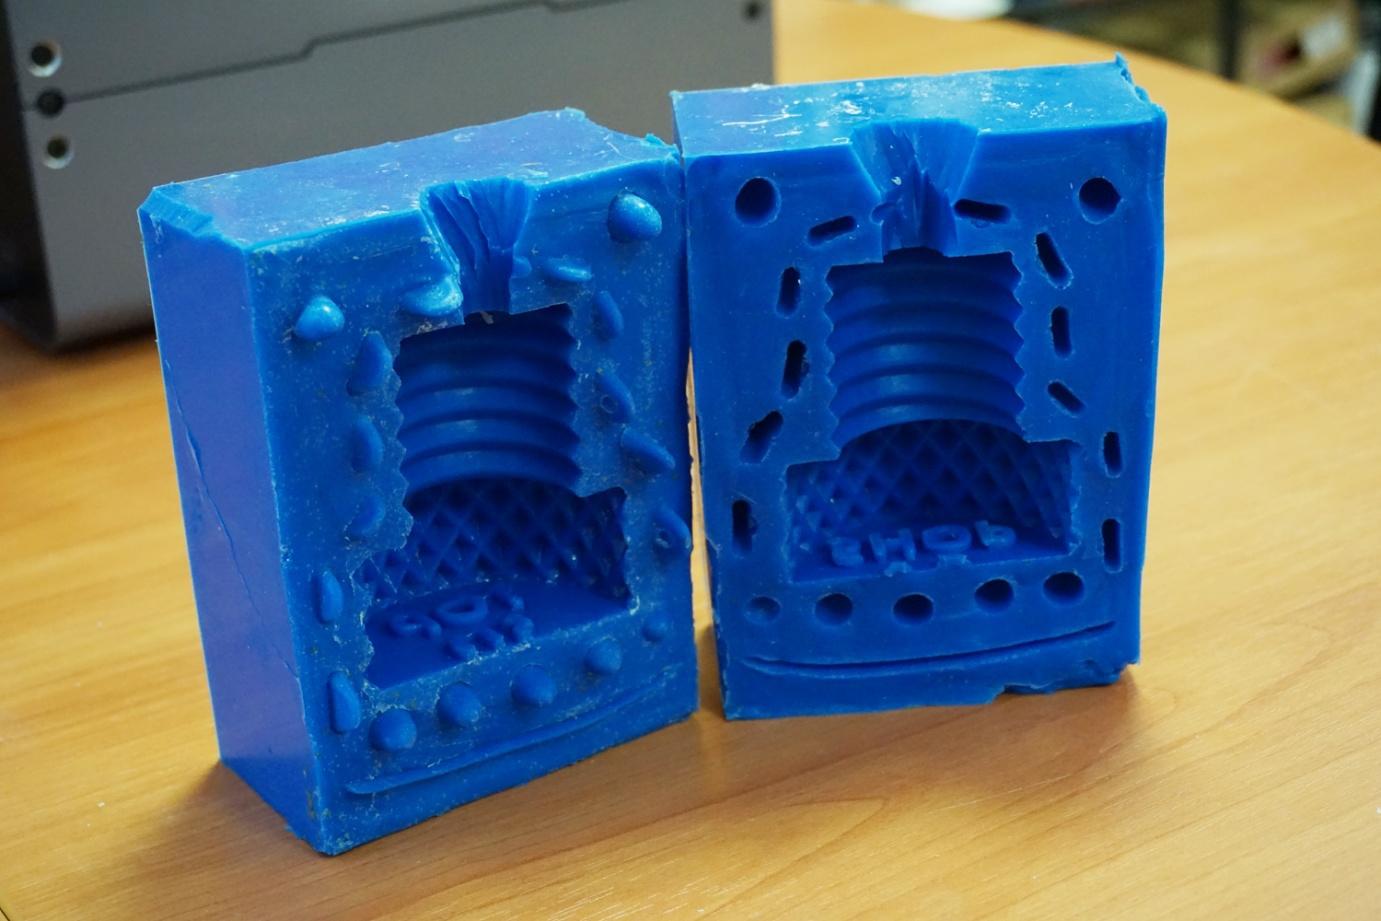 Совет 1: Как в домашних условиях лить детали из пластмассы 5